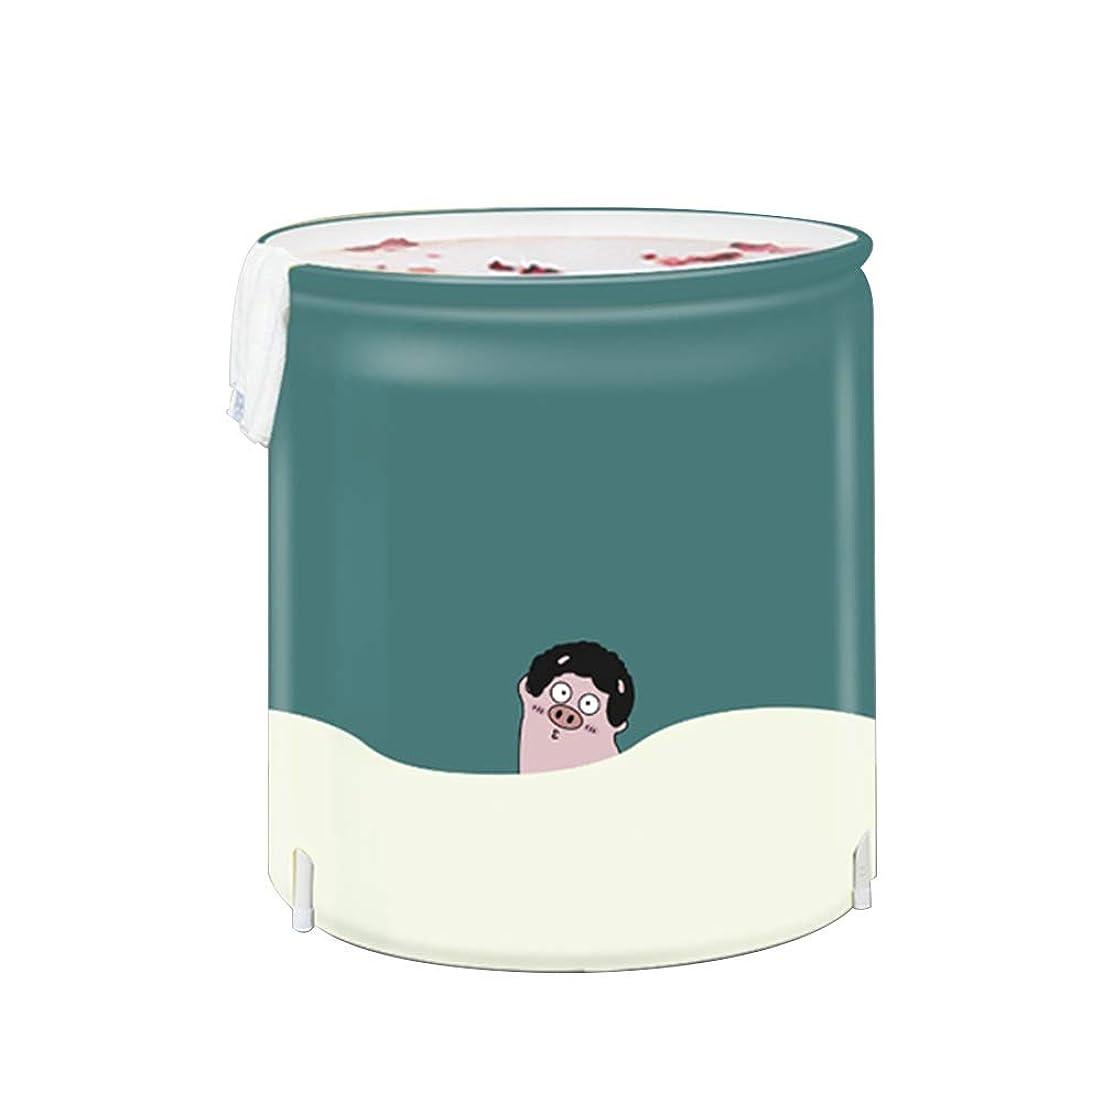 アレイコカイン大理石折り畳み式バスバケツ 大人のバースバレルグリーン豚折りたたみバスタブ折り畳み式の折り畳み式のバスタブ大イージークリーン (色 : 緑, Size : 70x65cm)